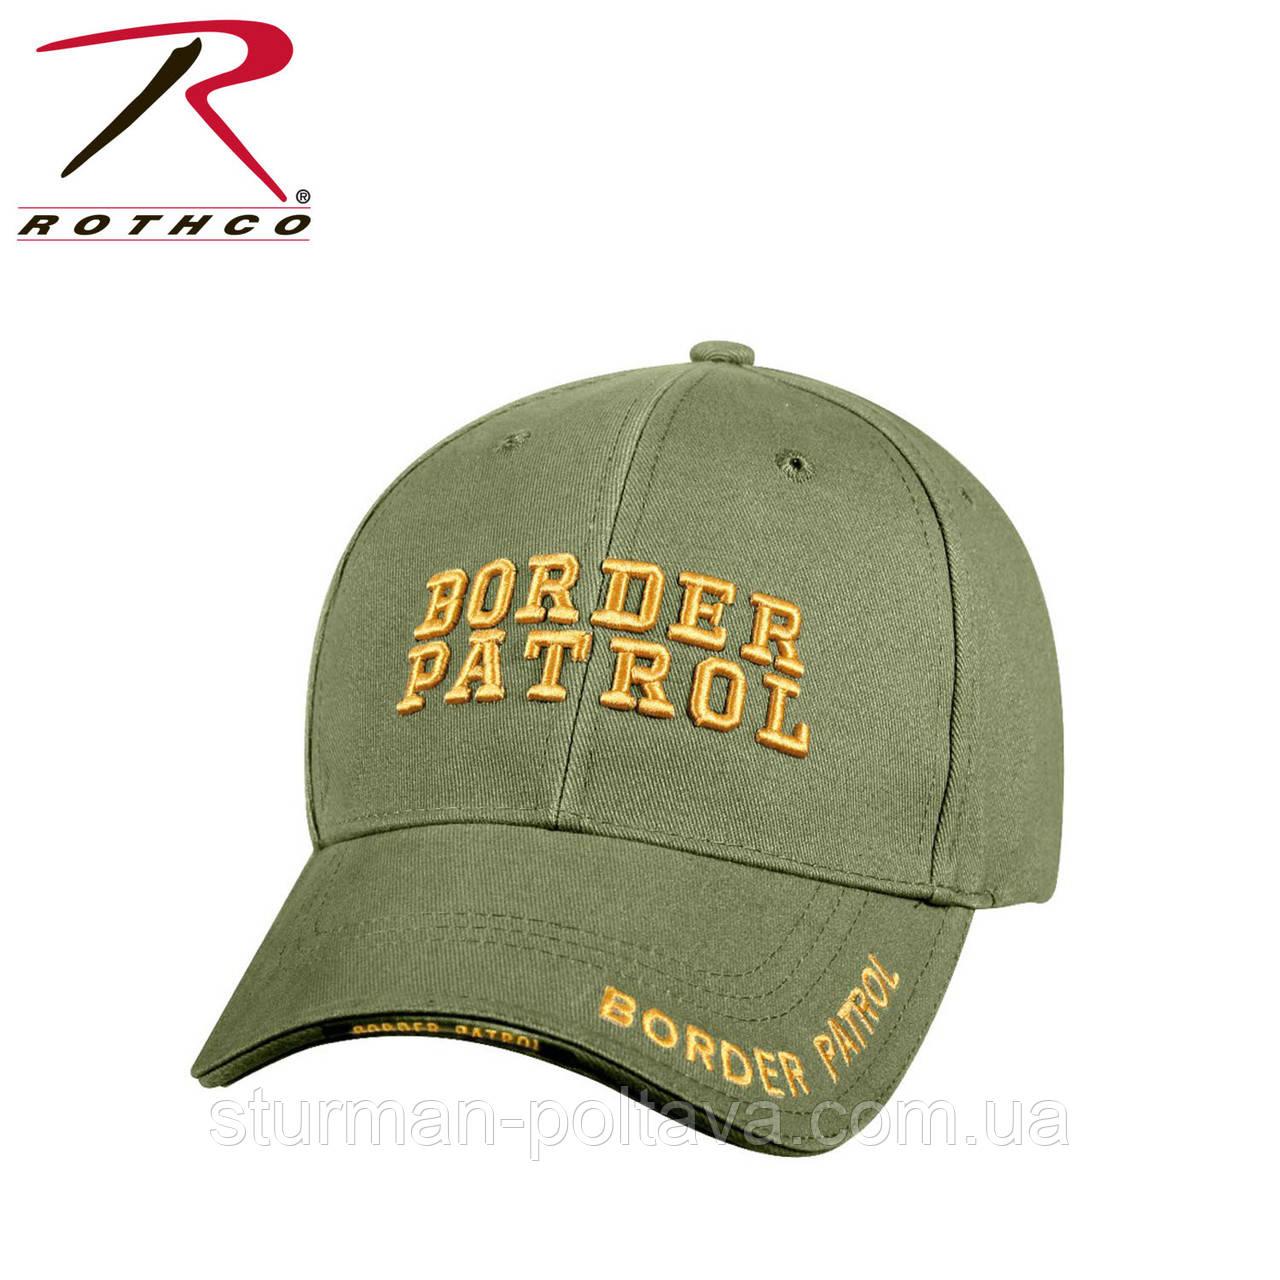 Бейсболка  мужская Пограничный патруль  DELUXE LOW  BORDER PATROL PROFILE CAP цвет олива  Rotcho USA